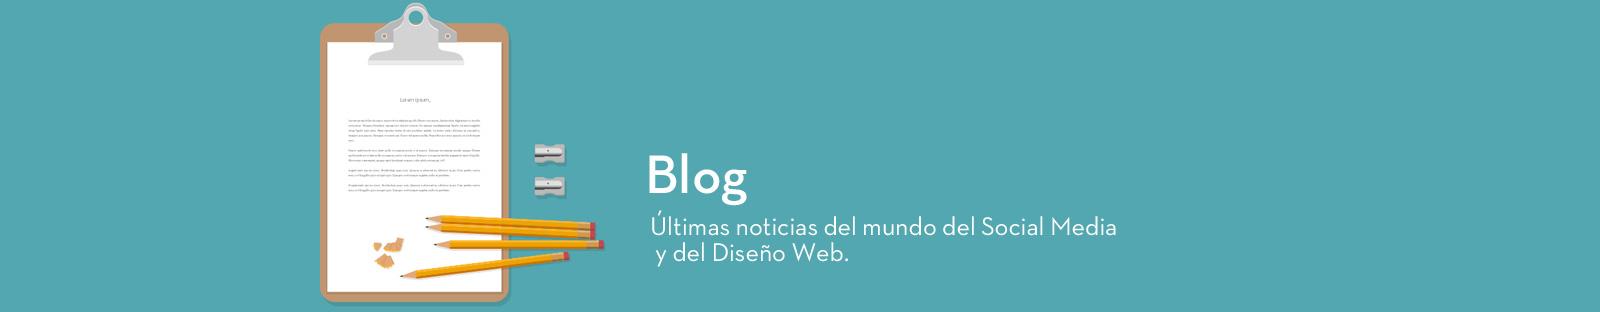 Blog. socialbeings